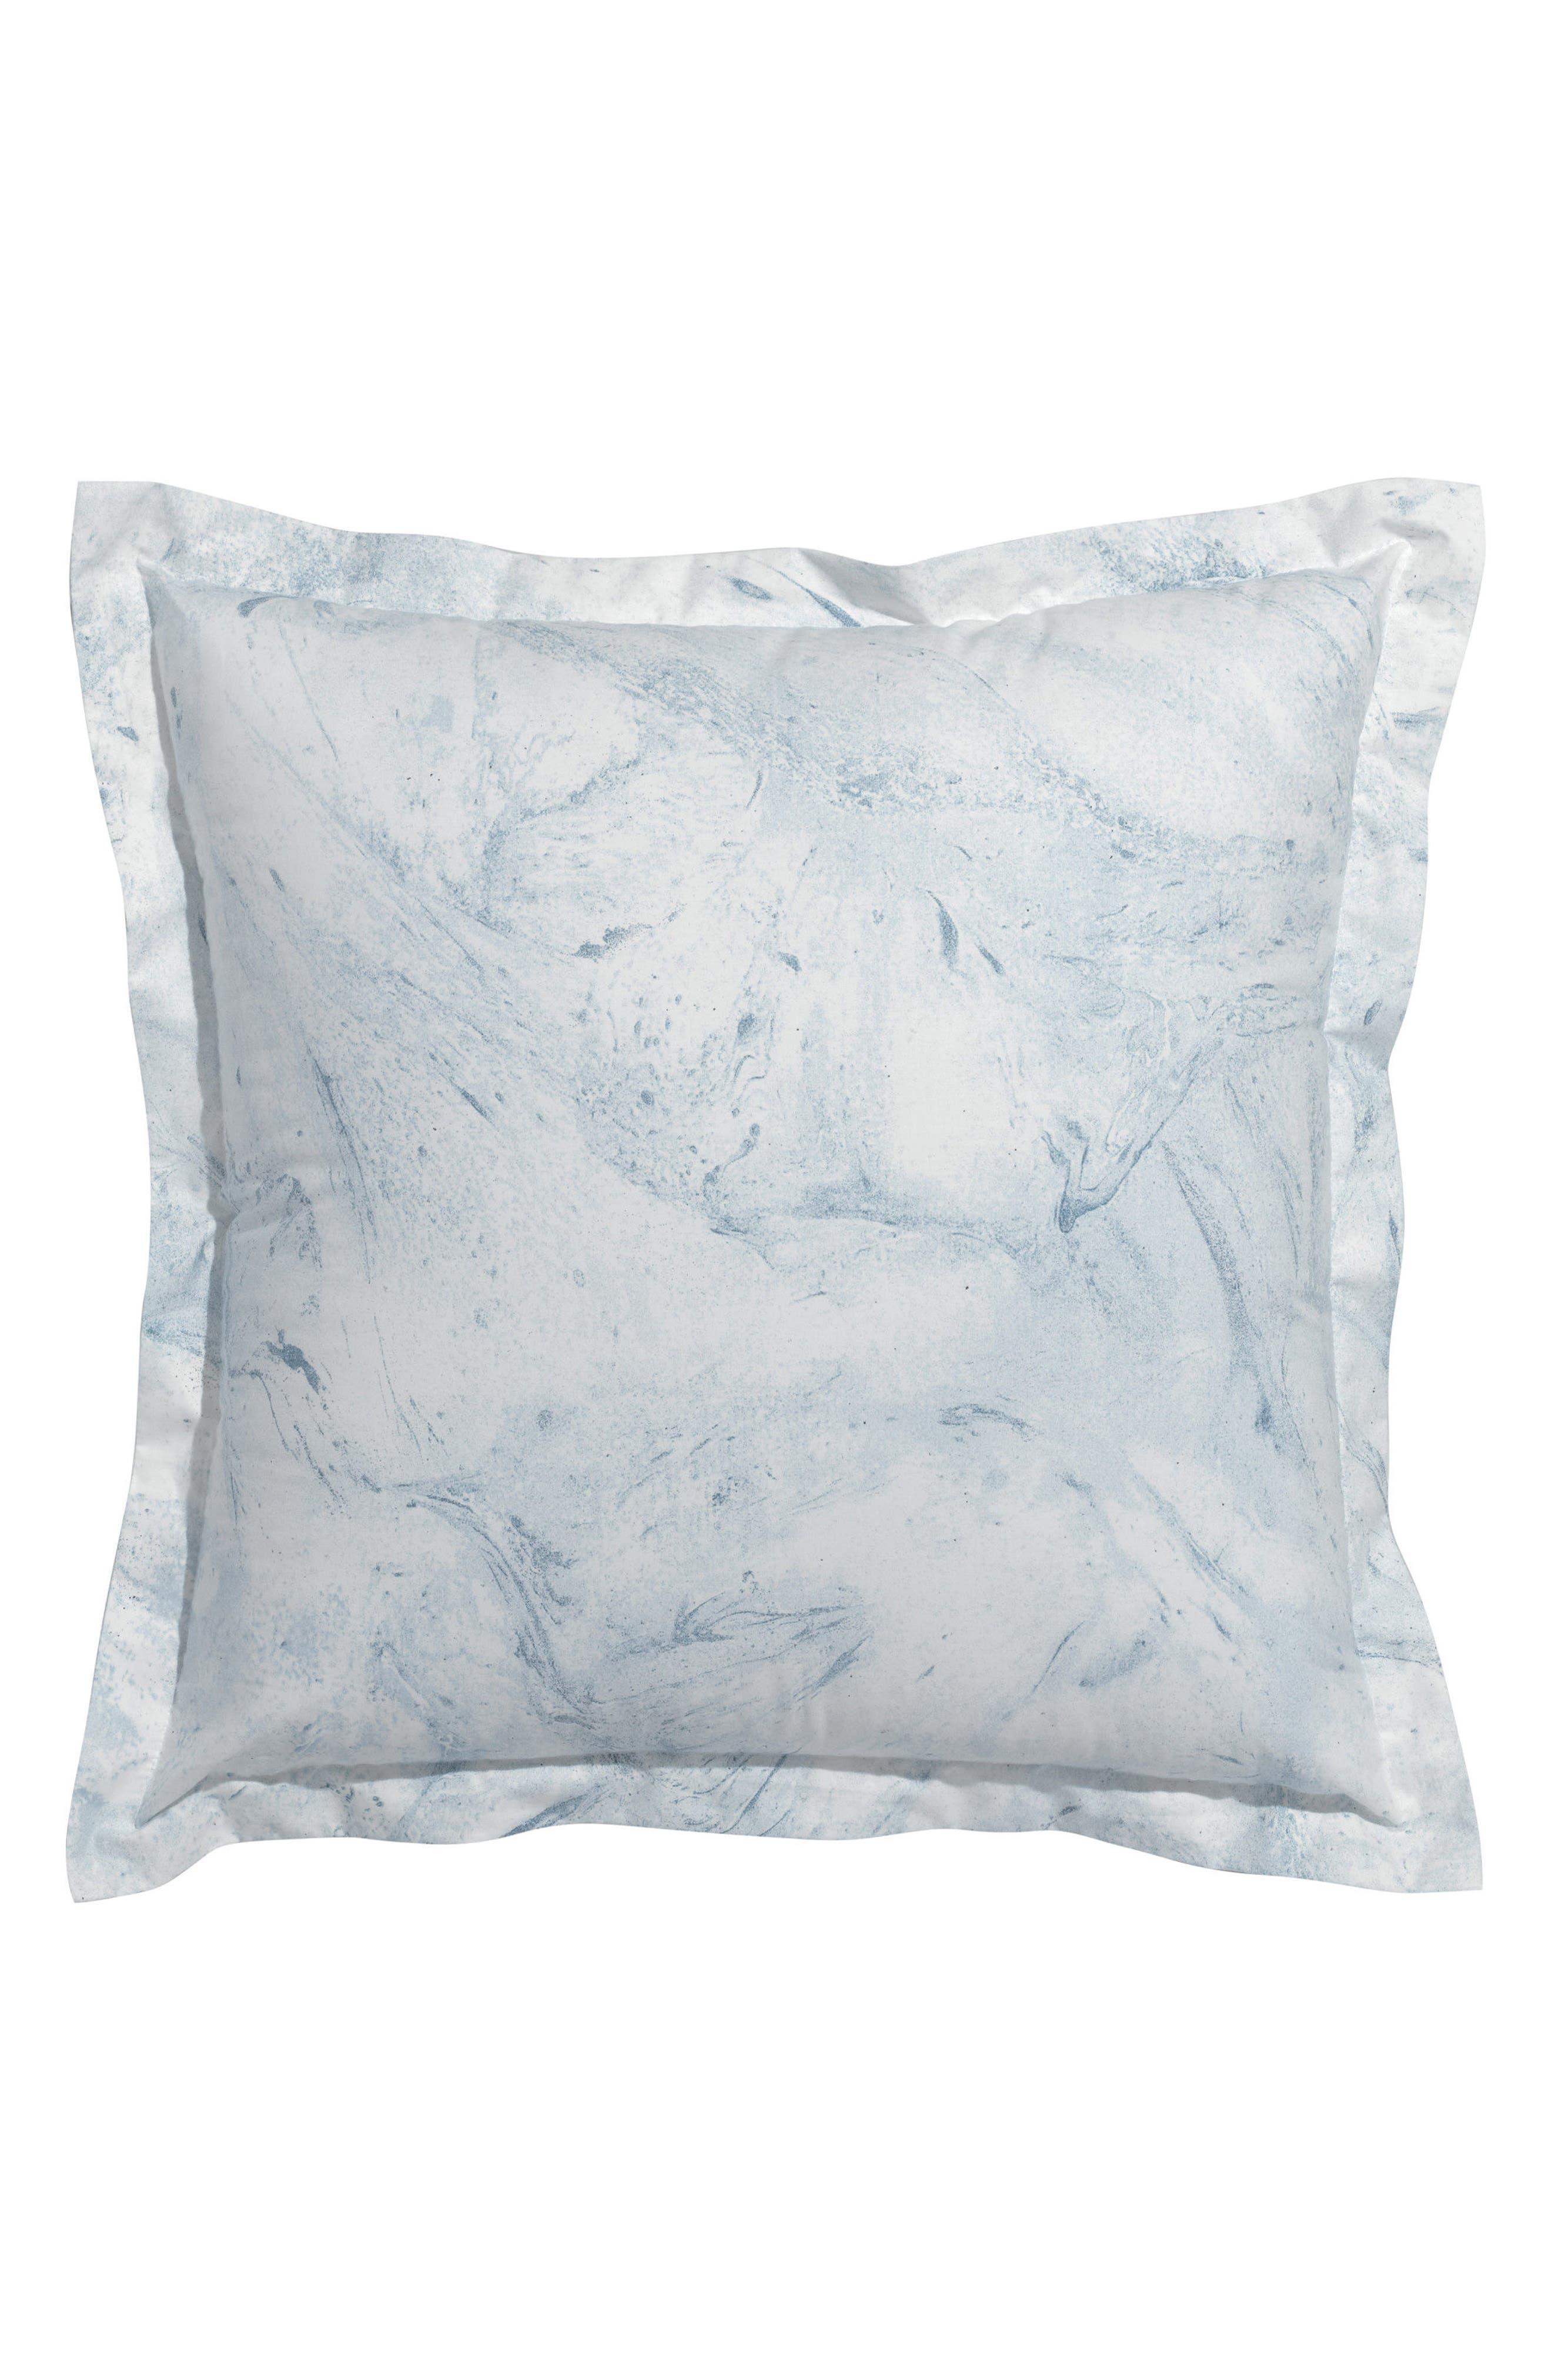 Alternate Image 1 Selected - Portico Glacier Bay Square Organic Cotton Accent Pillow